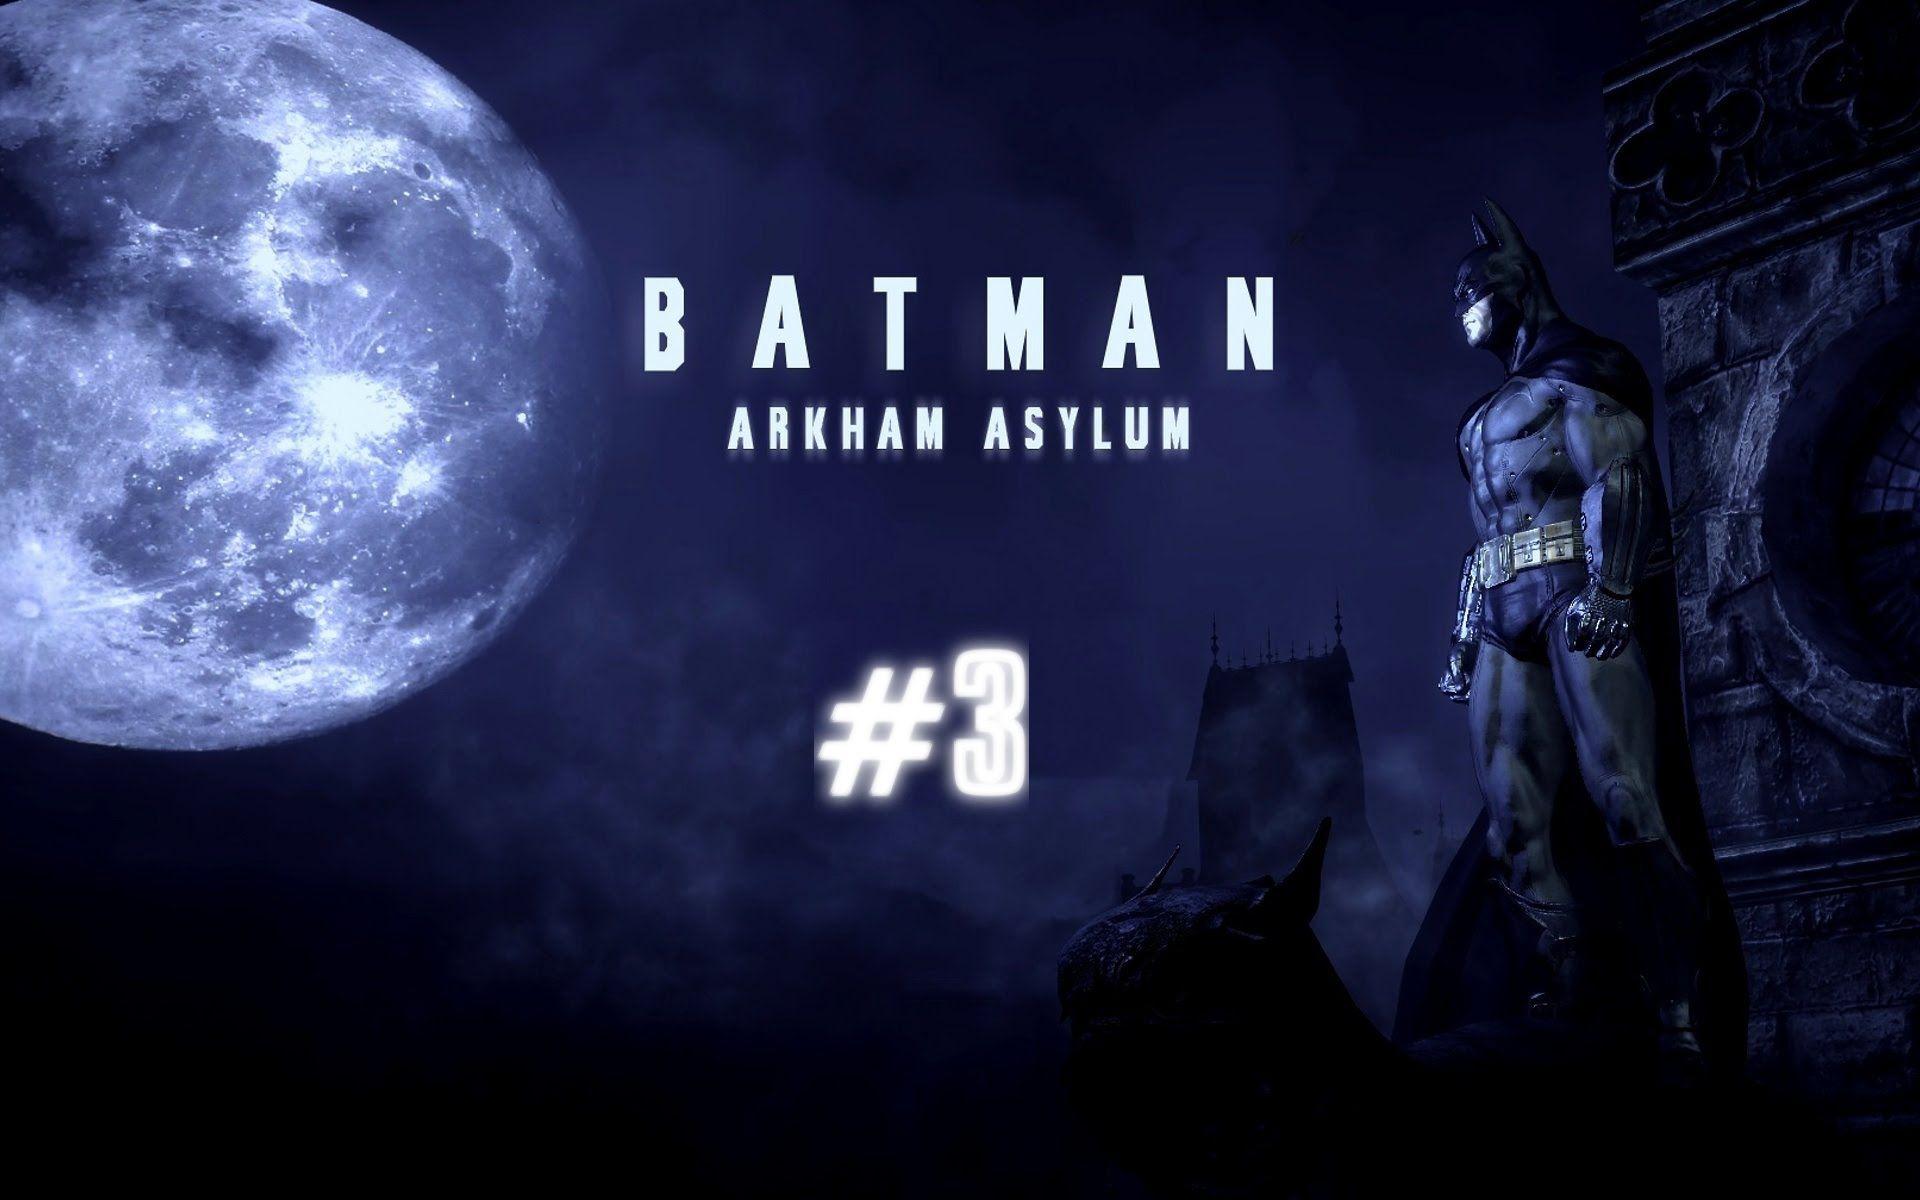 BATMAN ARKHAM ASYLUM #3 - Sulle tracce di boles!